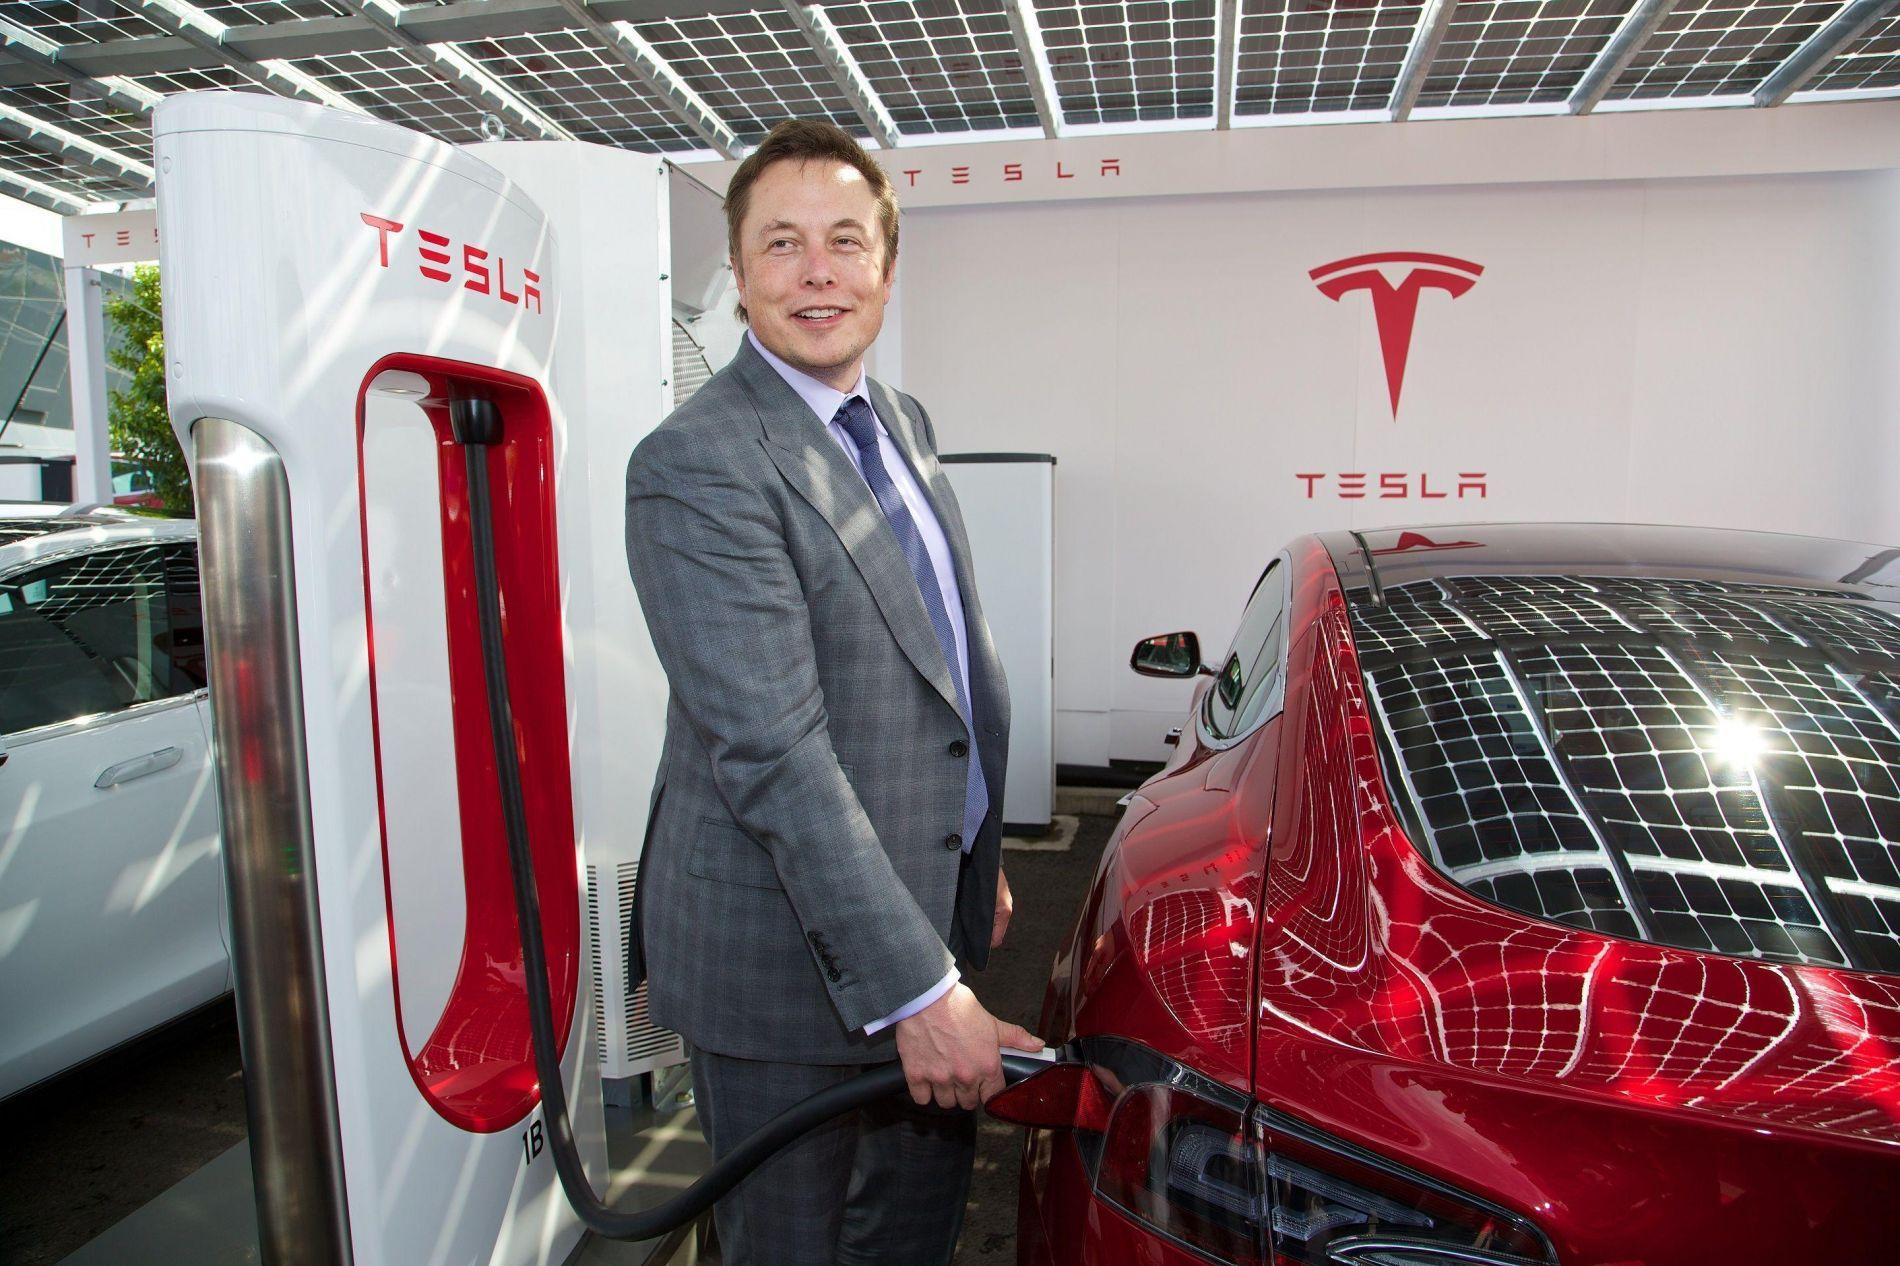 Tesla-ს ელექტრომობილი მძღოლის გარეშე ივლის